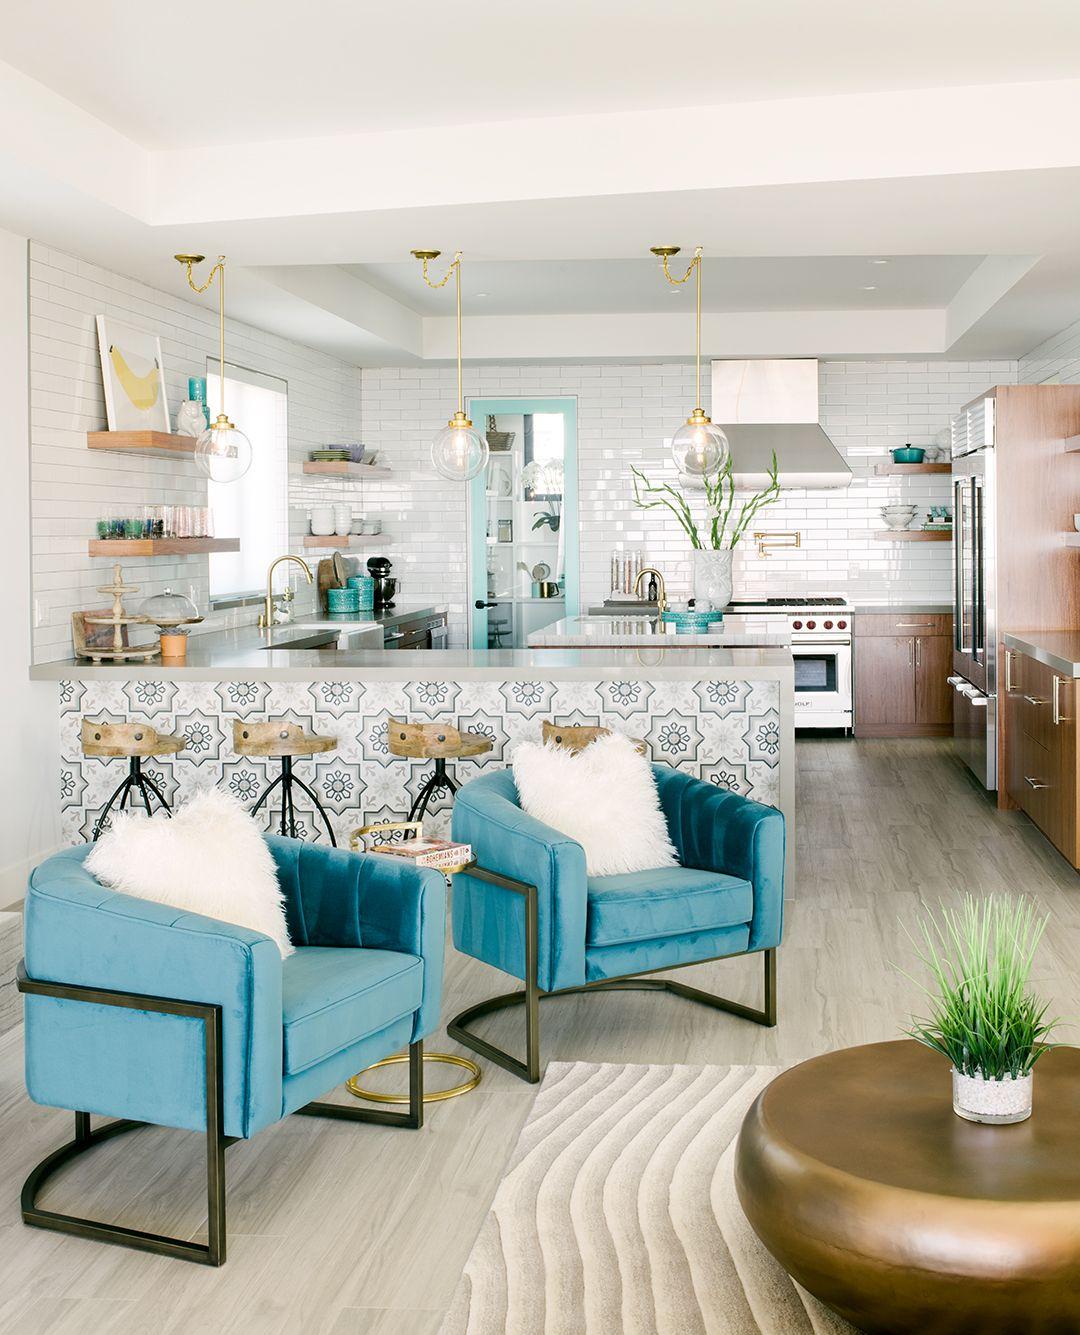 Beach Home Interior Design Ideas: Pin By Shanna Shryne Interior Design On Beach Modern (With